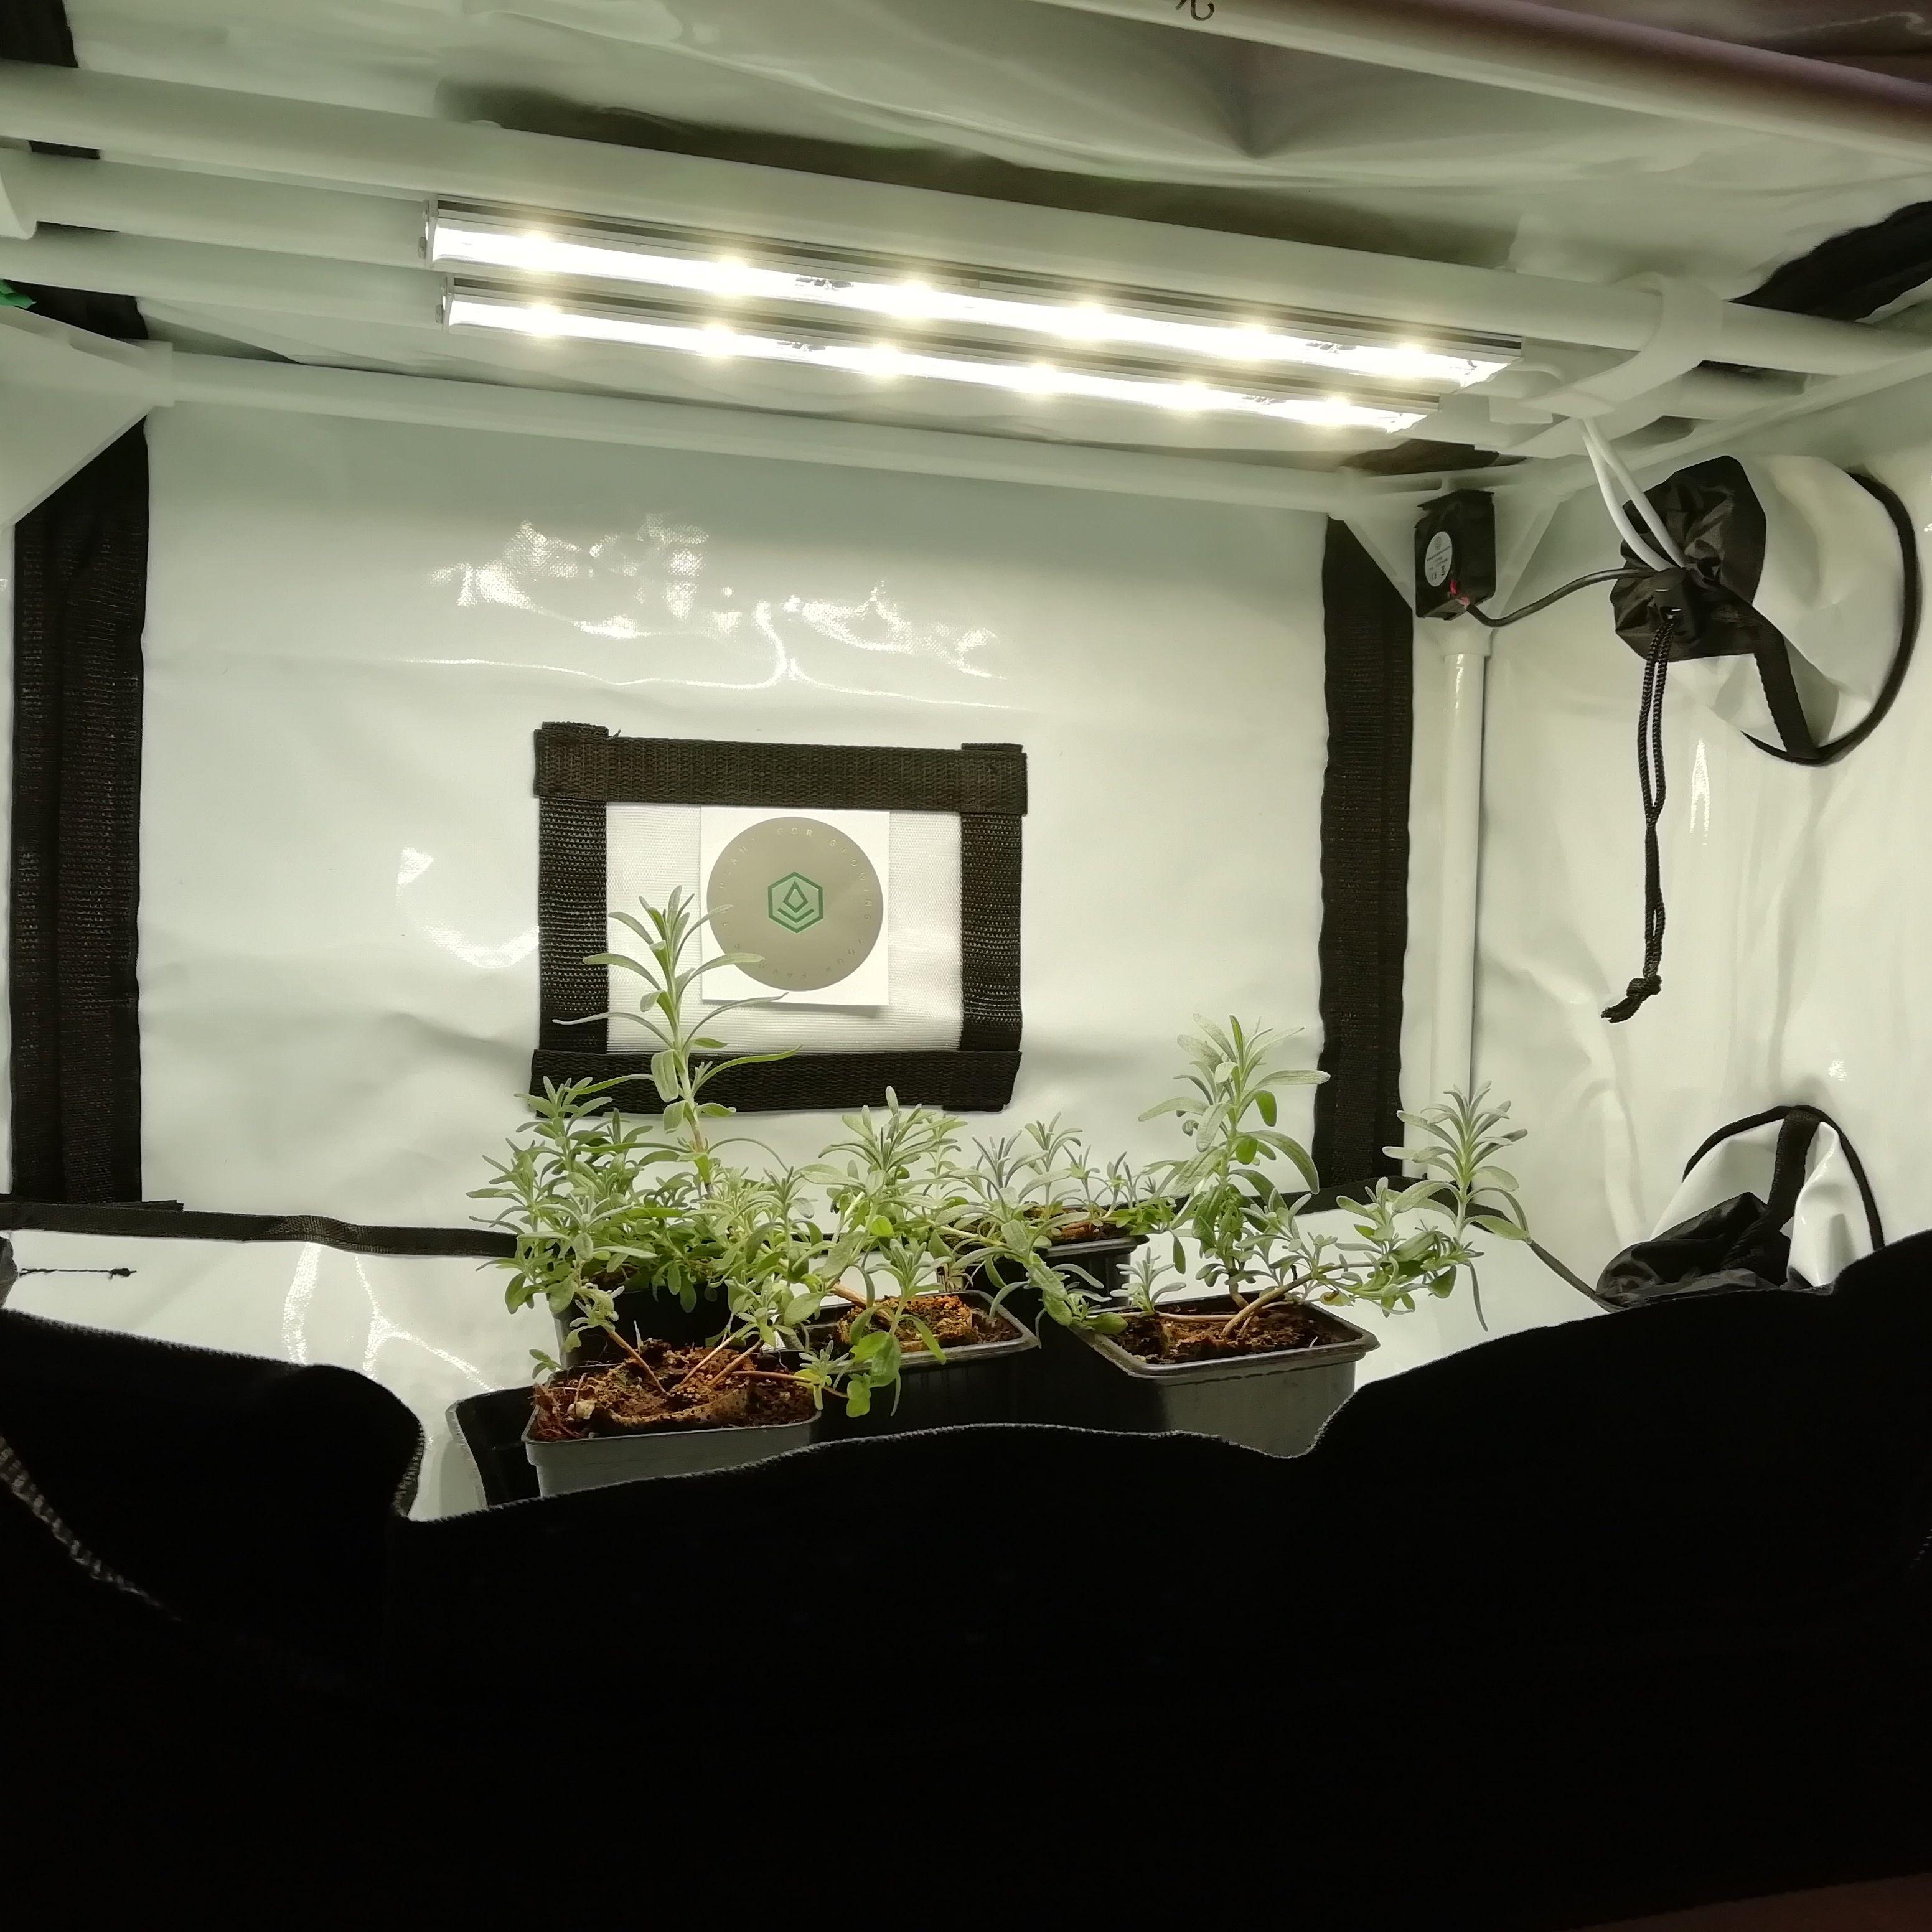 Fytobase V60 Profi Anzuchtzelt Fur Pflanzen Mit Led 30w Beleuchtung Zimmergewachshaus Pflanzen Gewachs